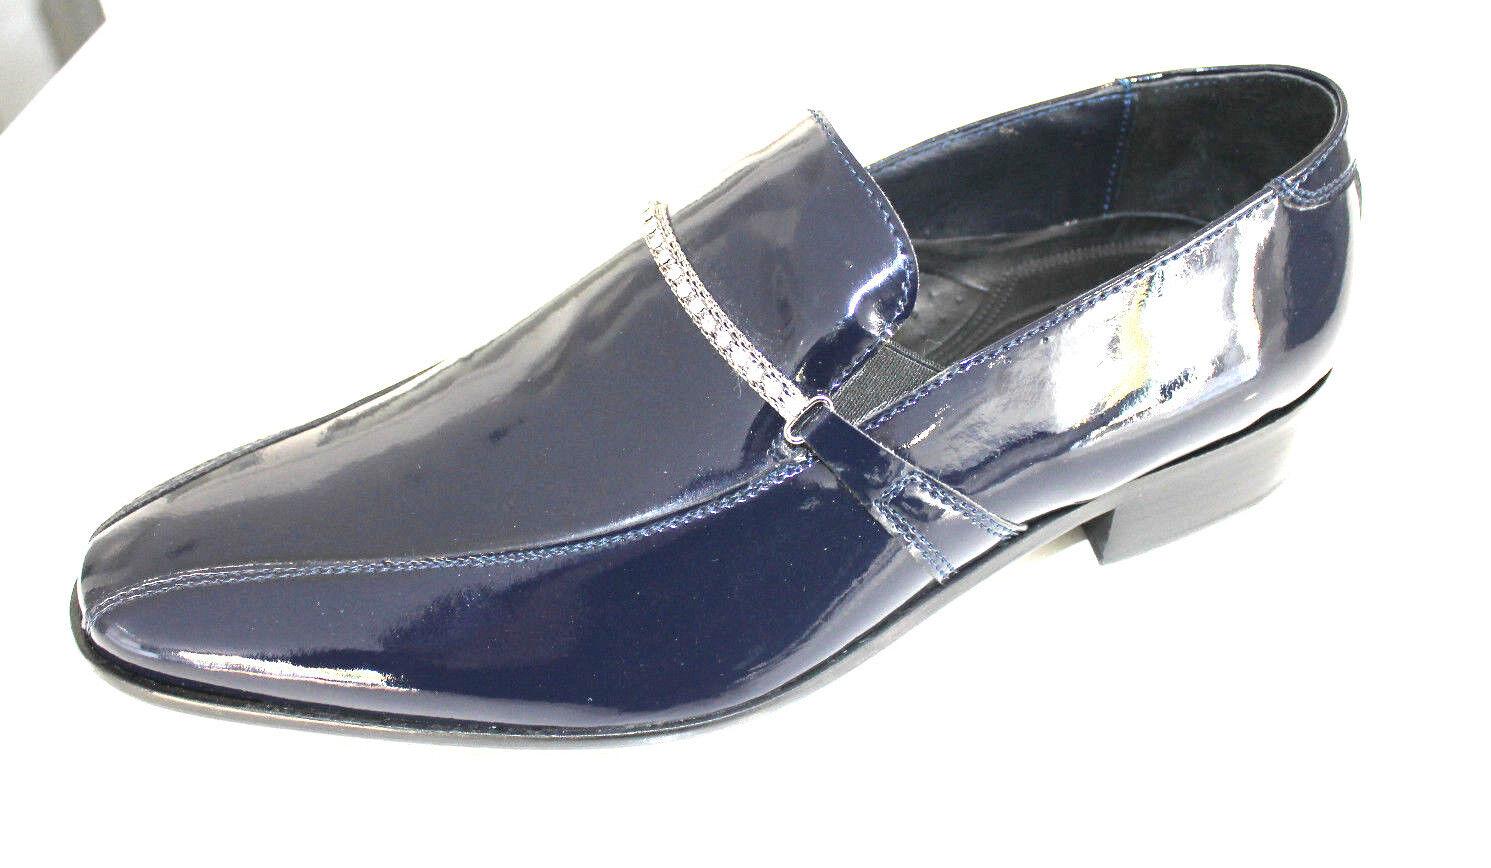 Scarpe cerimonia uomo BLU mocassino sposo cuoio cuoio cuoio made in Italy shoes laether man 1c0d20